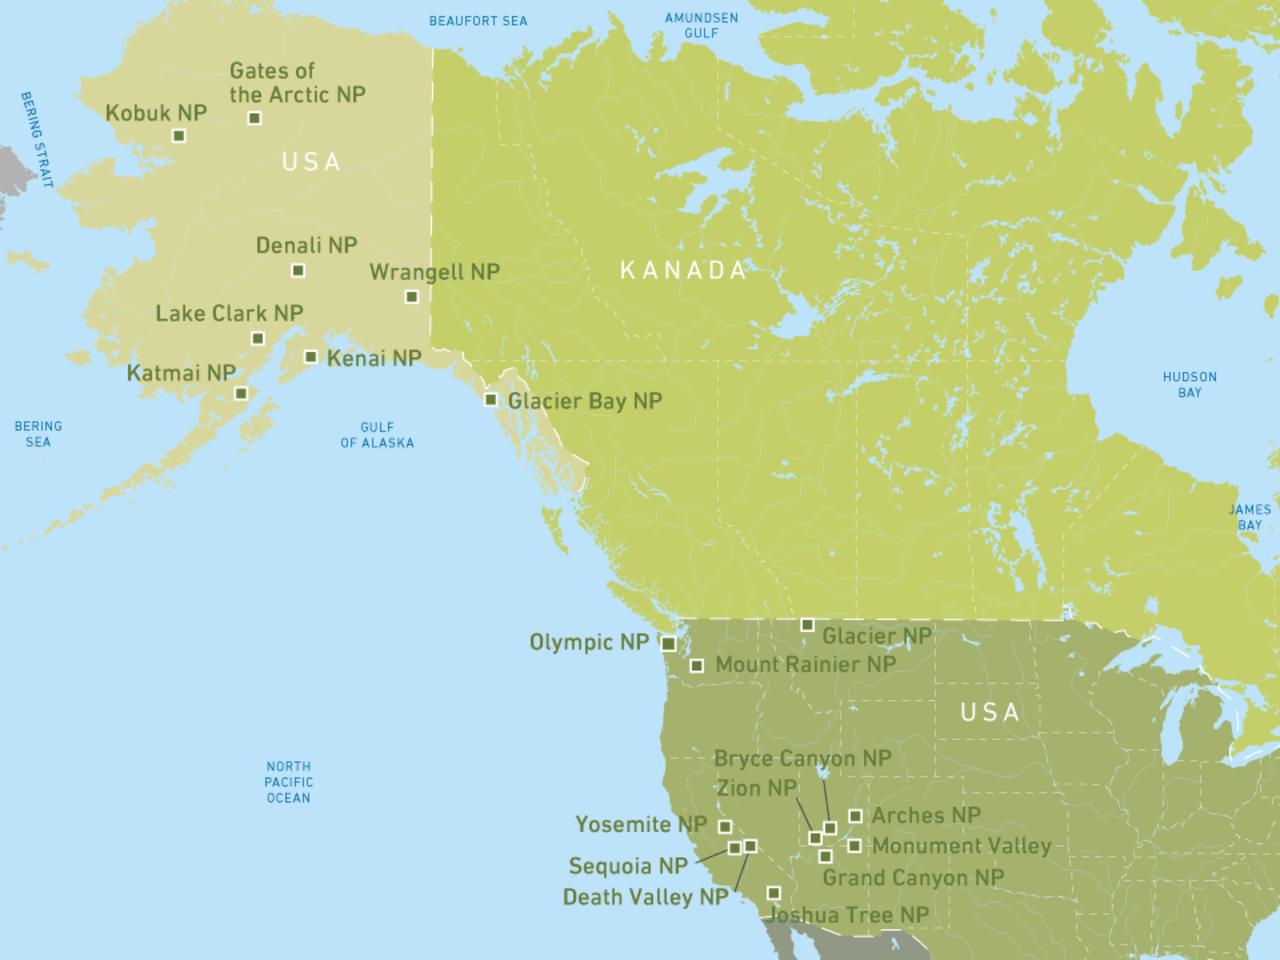 Die schönsten Nationalparks der USA entdecken! | CANUSA